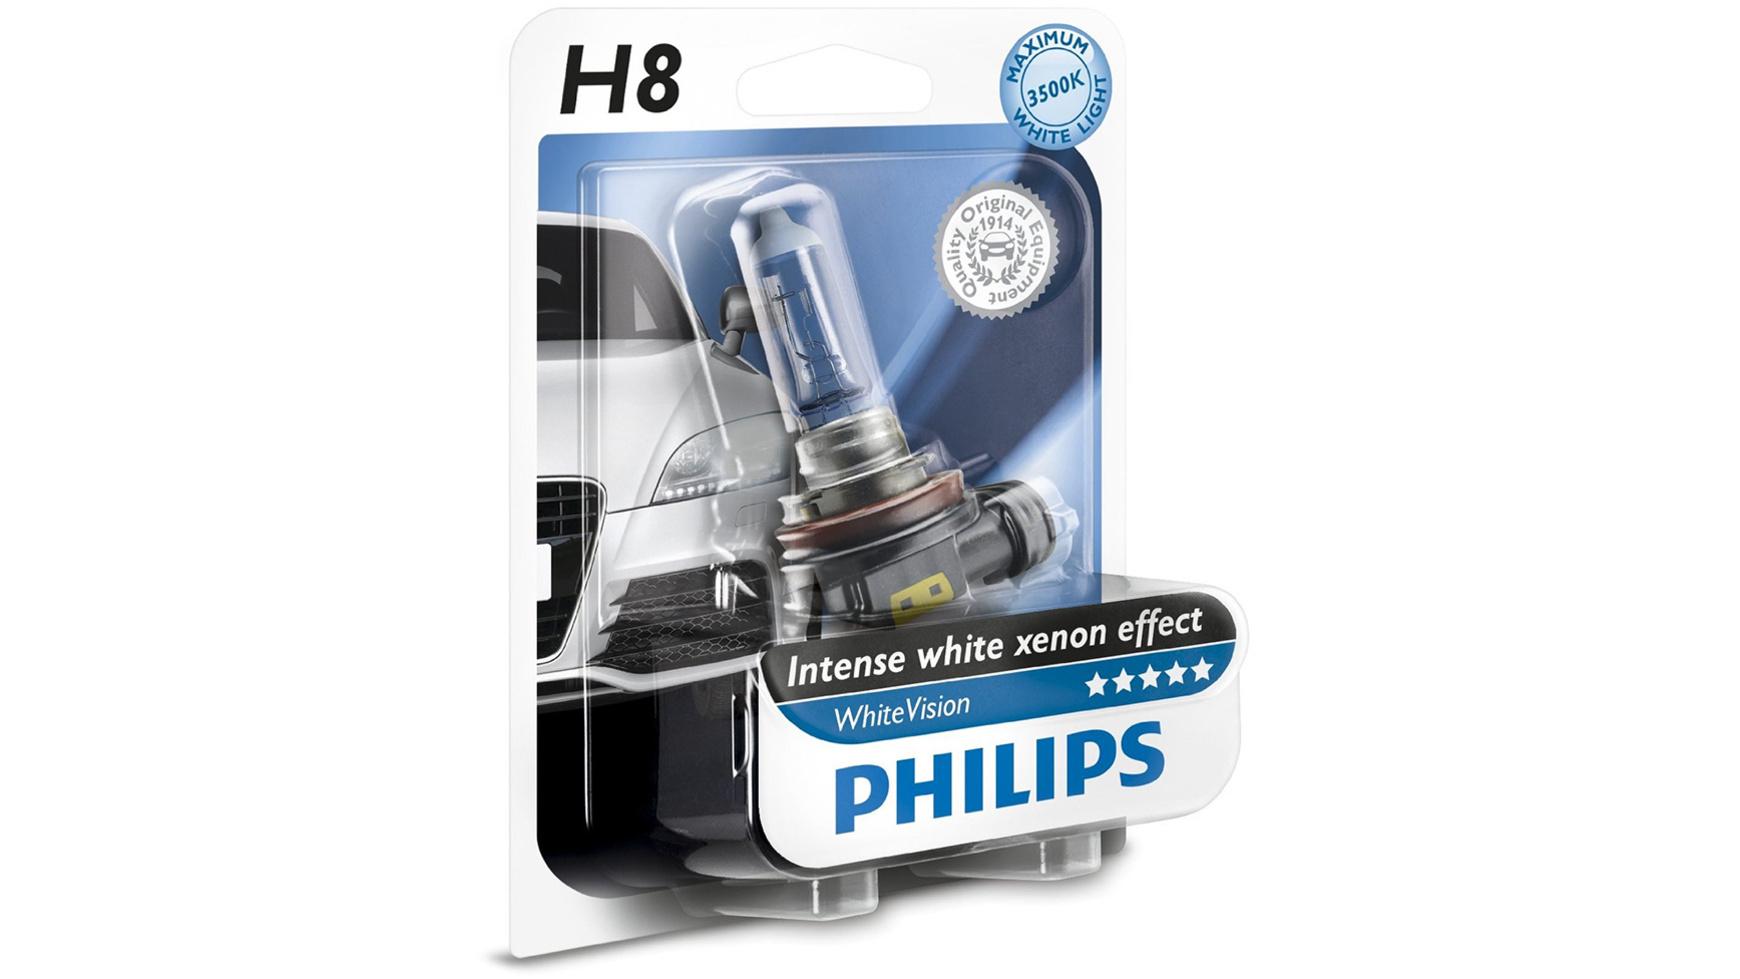 [DAPARTO - Preisfehler?] Philips WhiteVision Xenon-Effekt H8 für 17,08€ (2Stk. für 28,26€) inkl. Versand